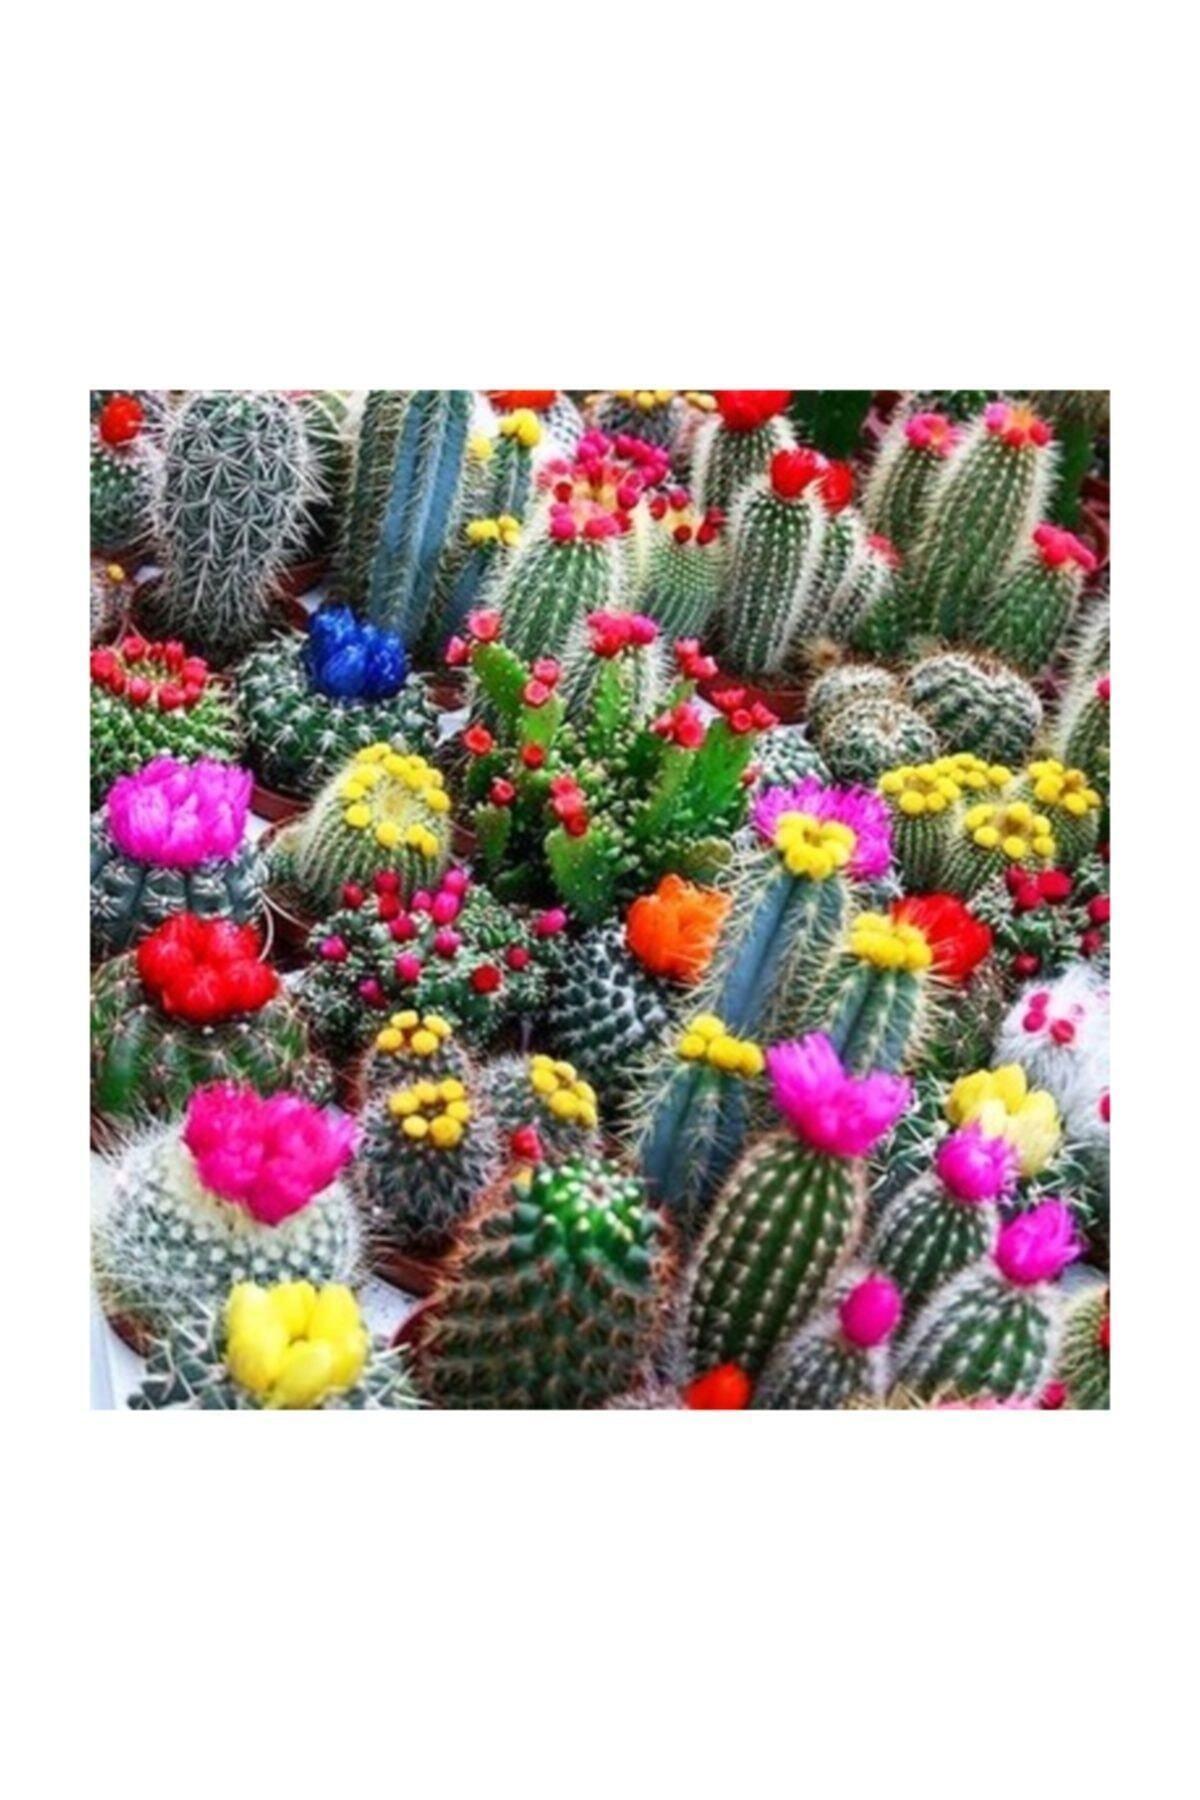 20 Adet Karışık Renkli Kaktüs Çiçeği Tohumu+gelişimini Hızlandıran Özel Gübre